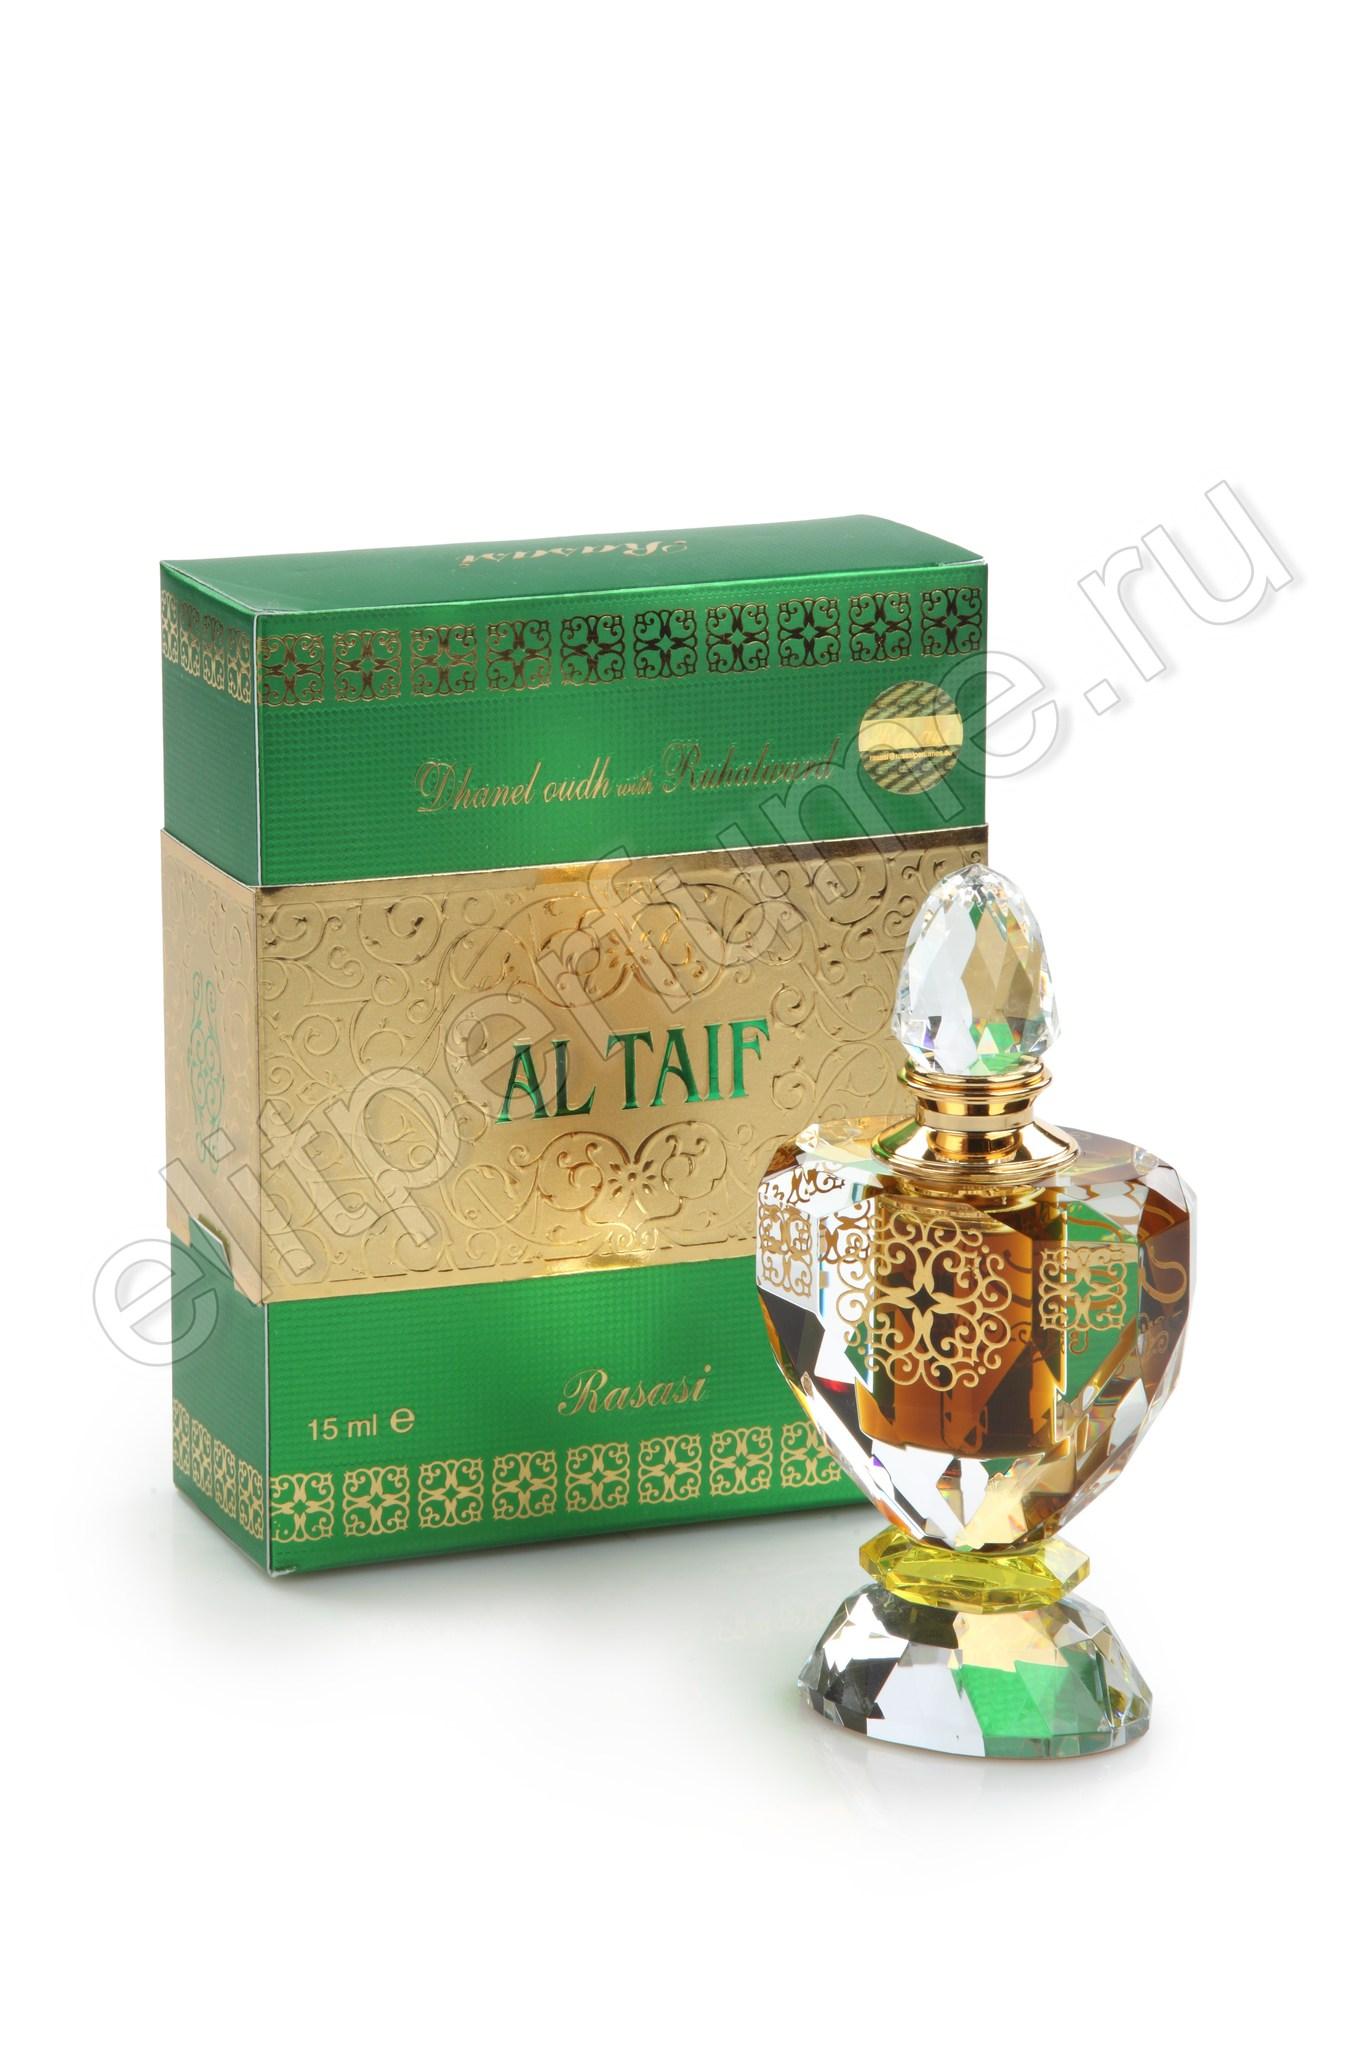 Пробники для арабских духов Ал Таиф Al Taif 1 мл арабские масляные духи от Расаси Rasasi Perfumes